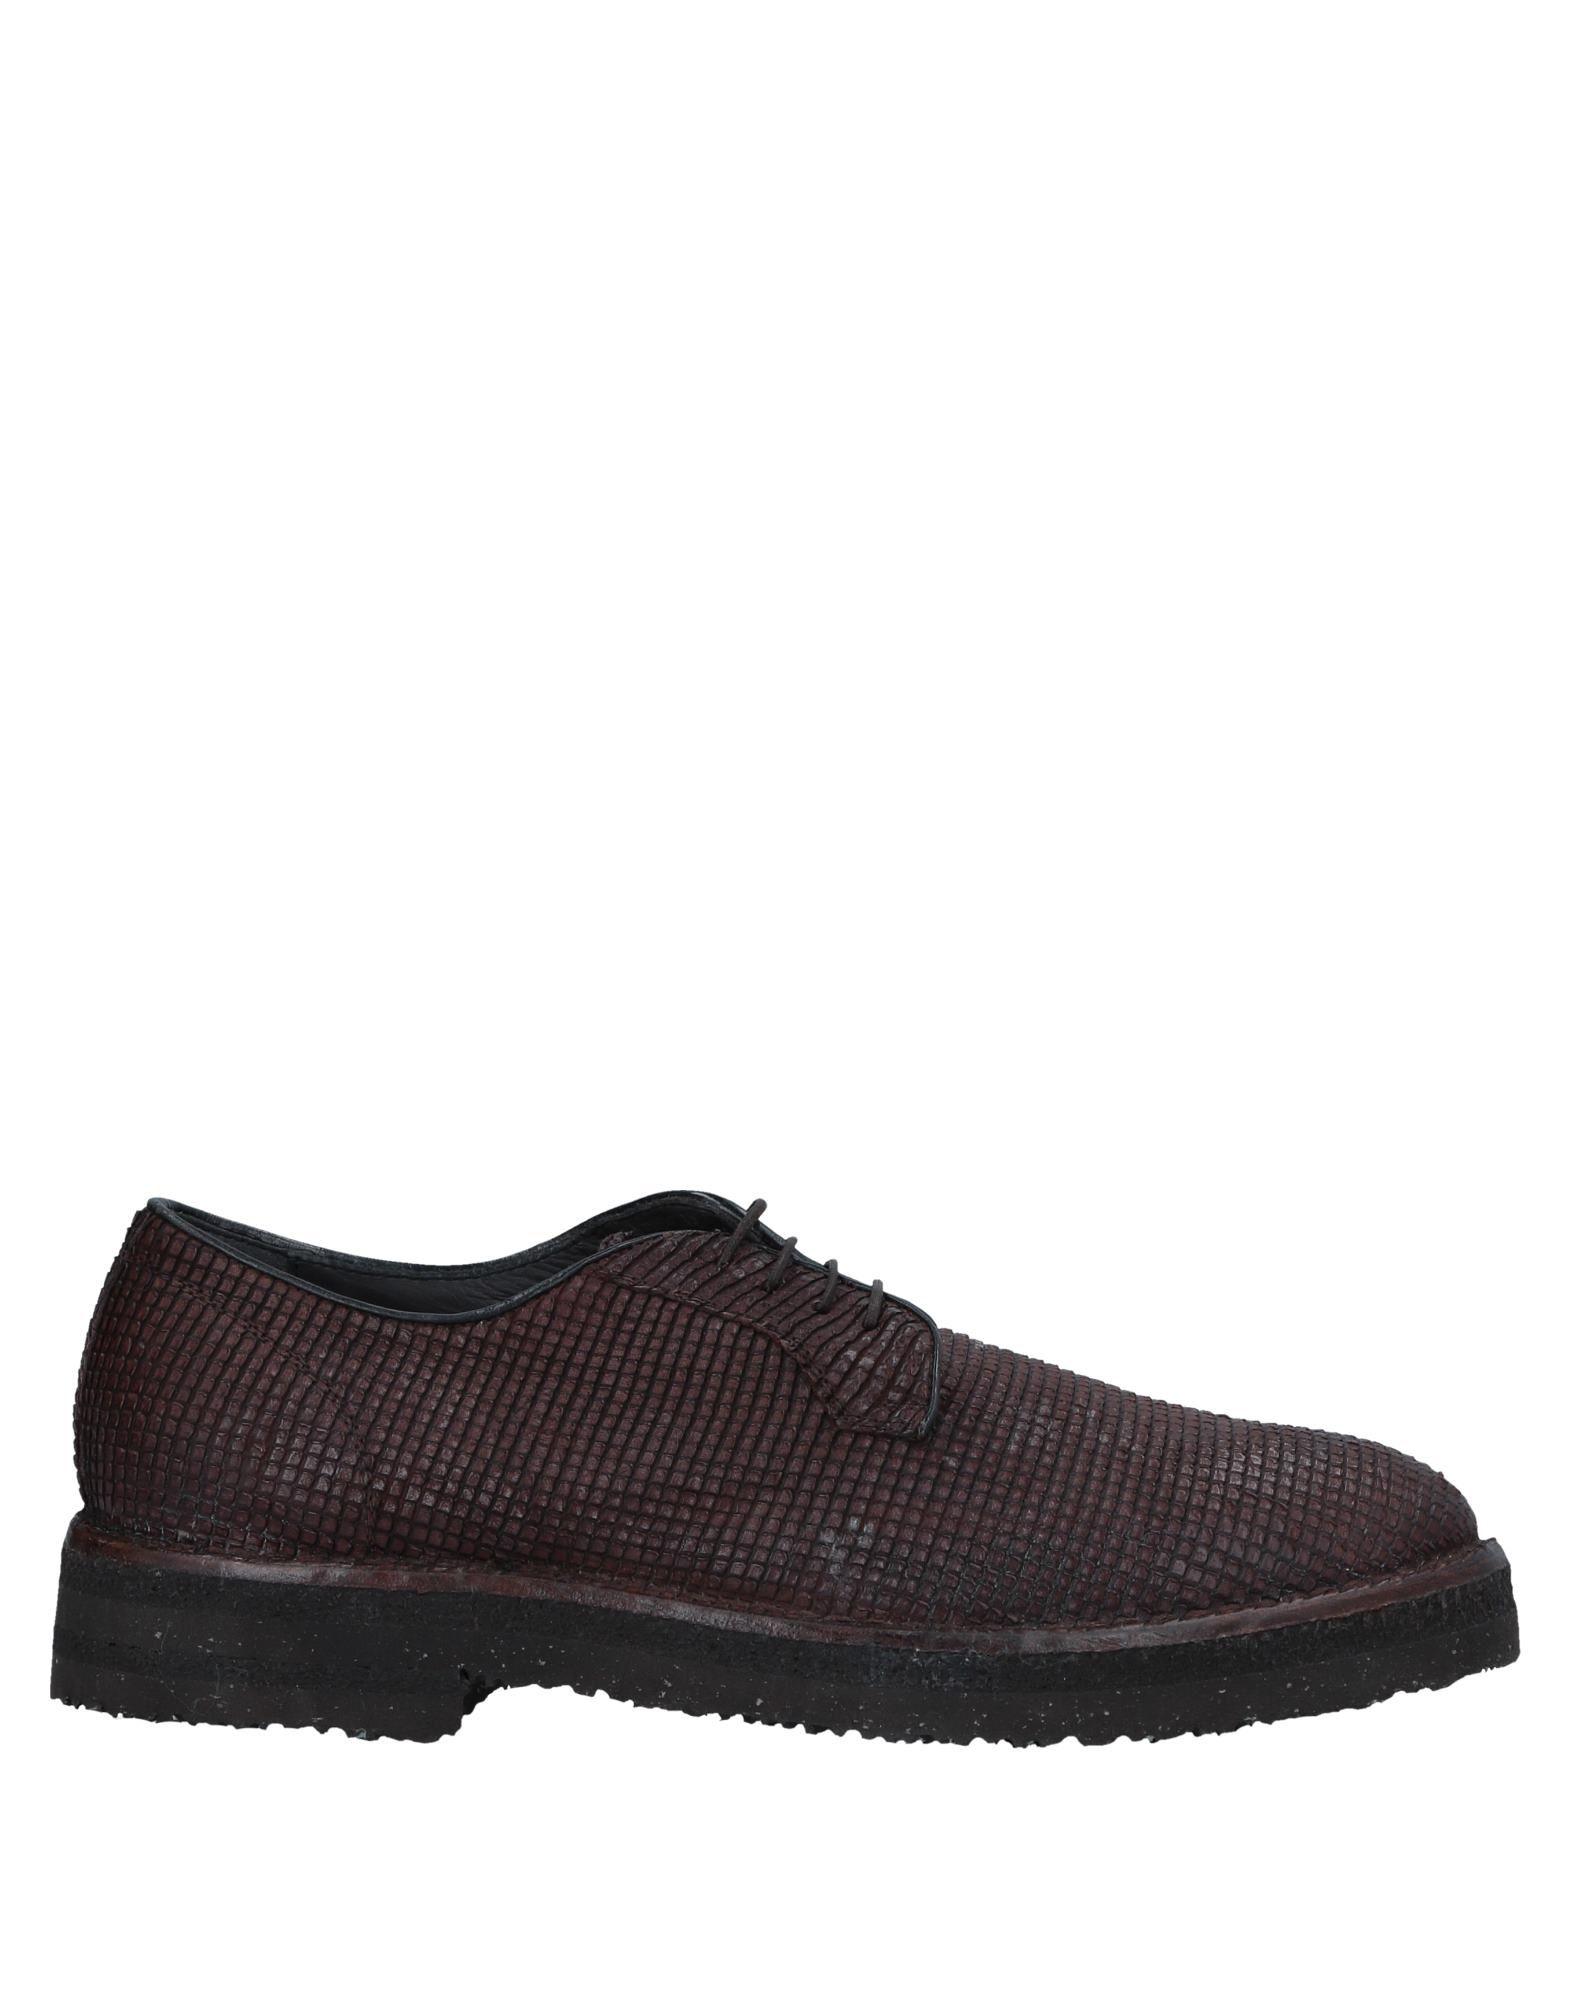 Moma Schnürschuhe Herren  11534735WN Gute Qualität beliebte Schuhe